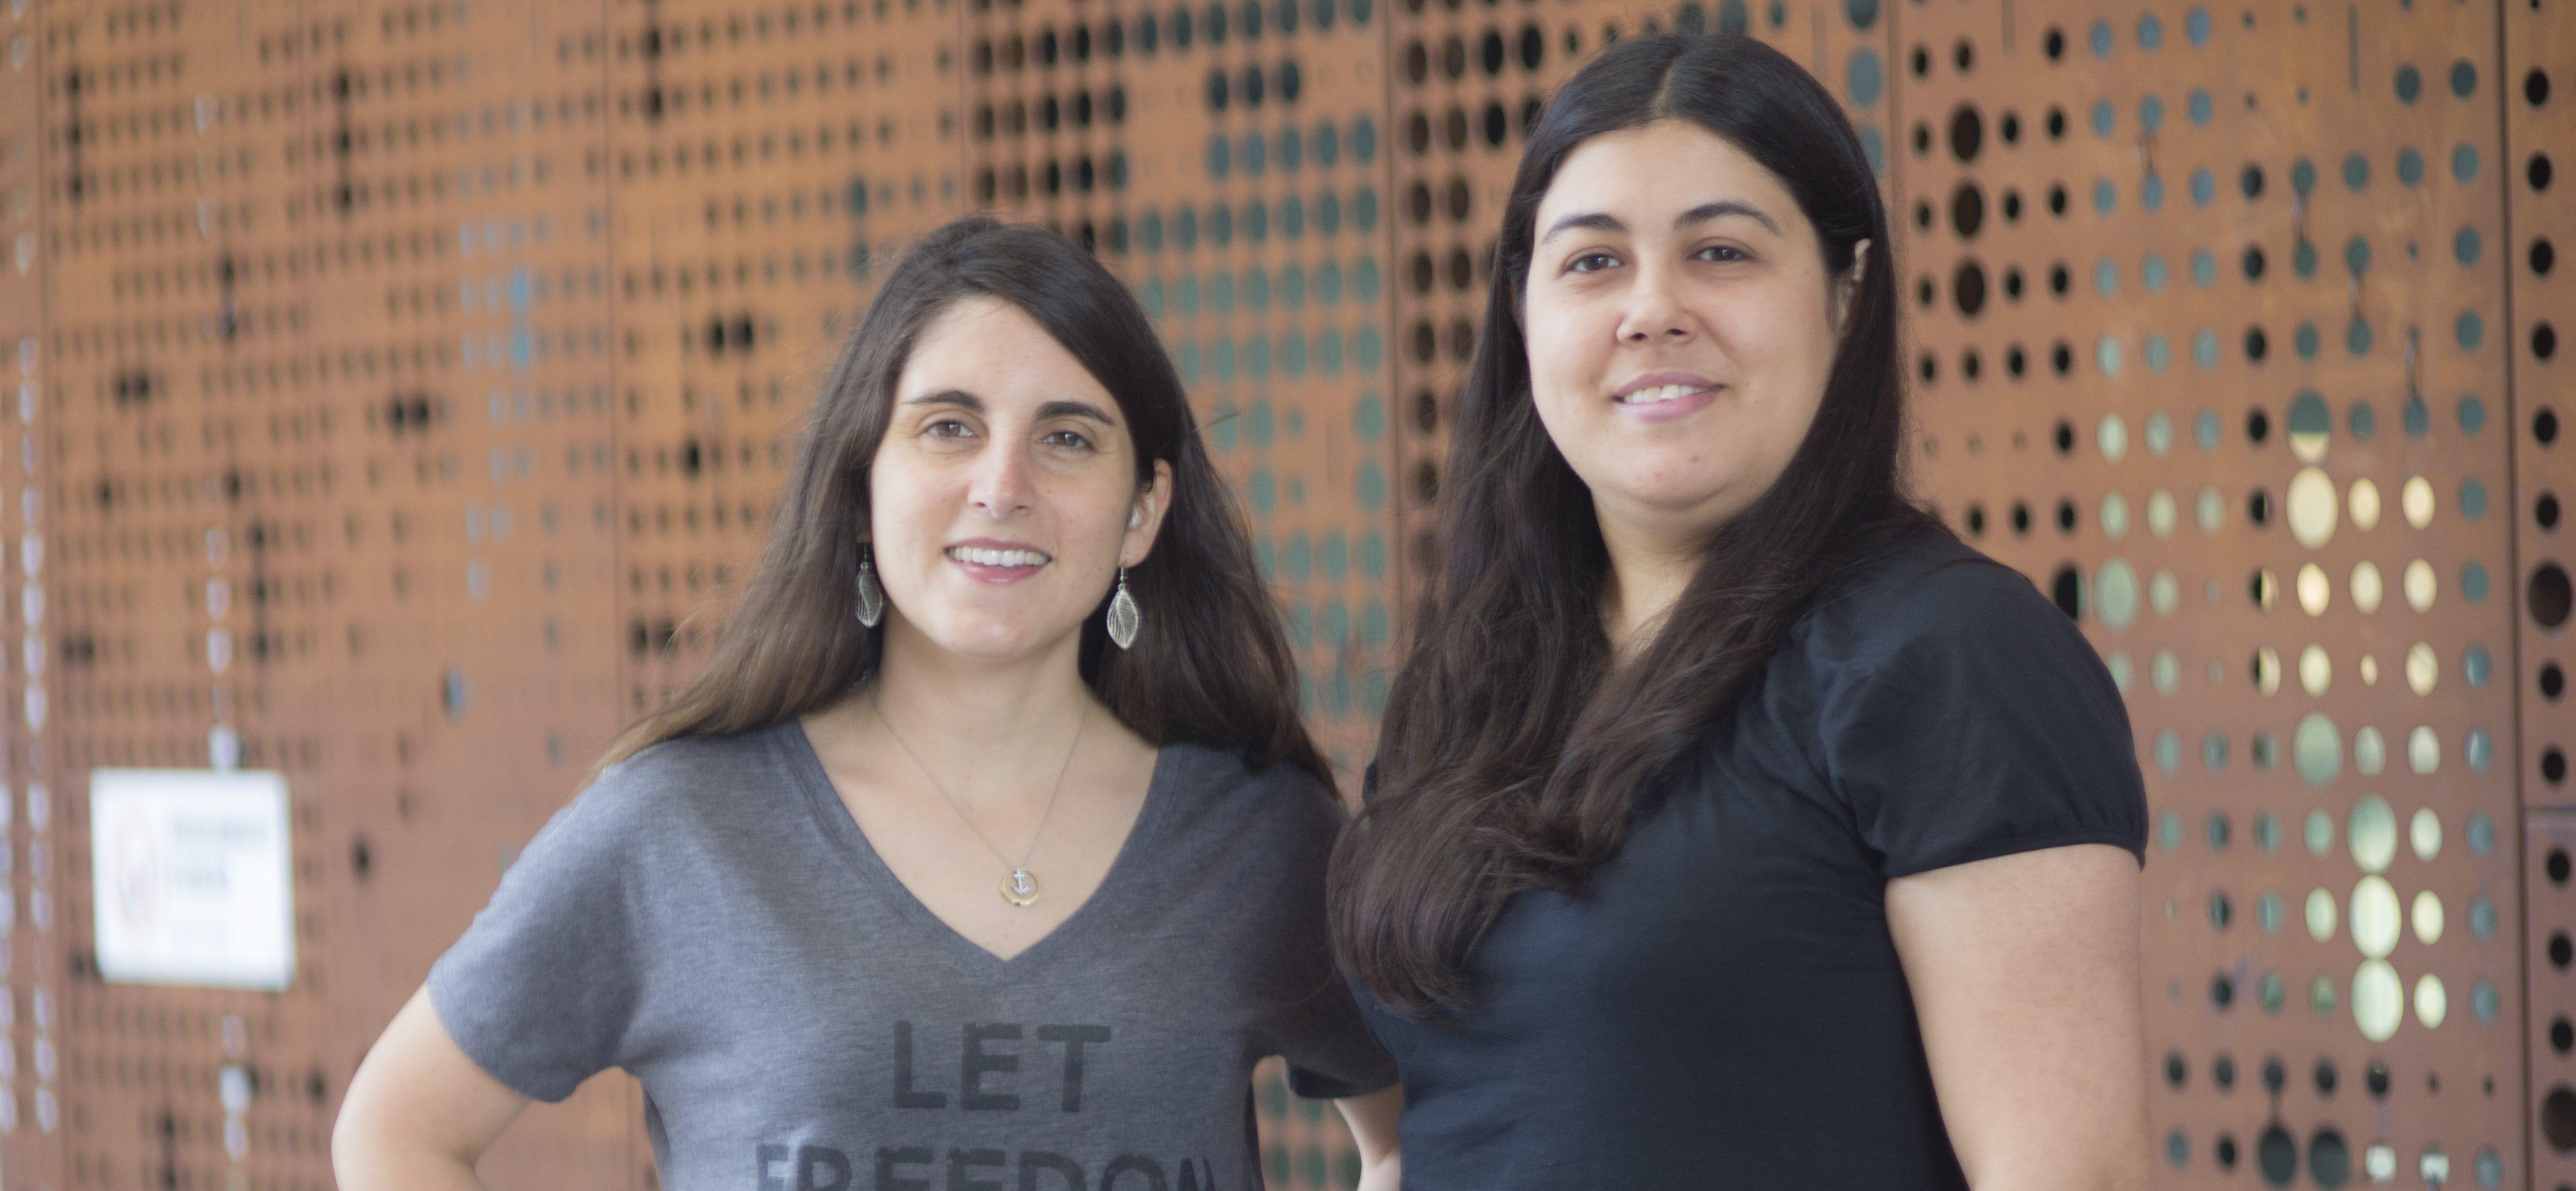 Ganadoras del premio L'Oréal UNESCO: Haciendo ciencia para inspirar a más mujeres